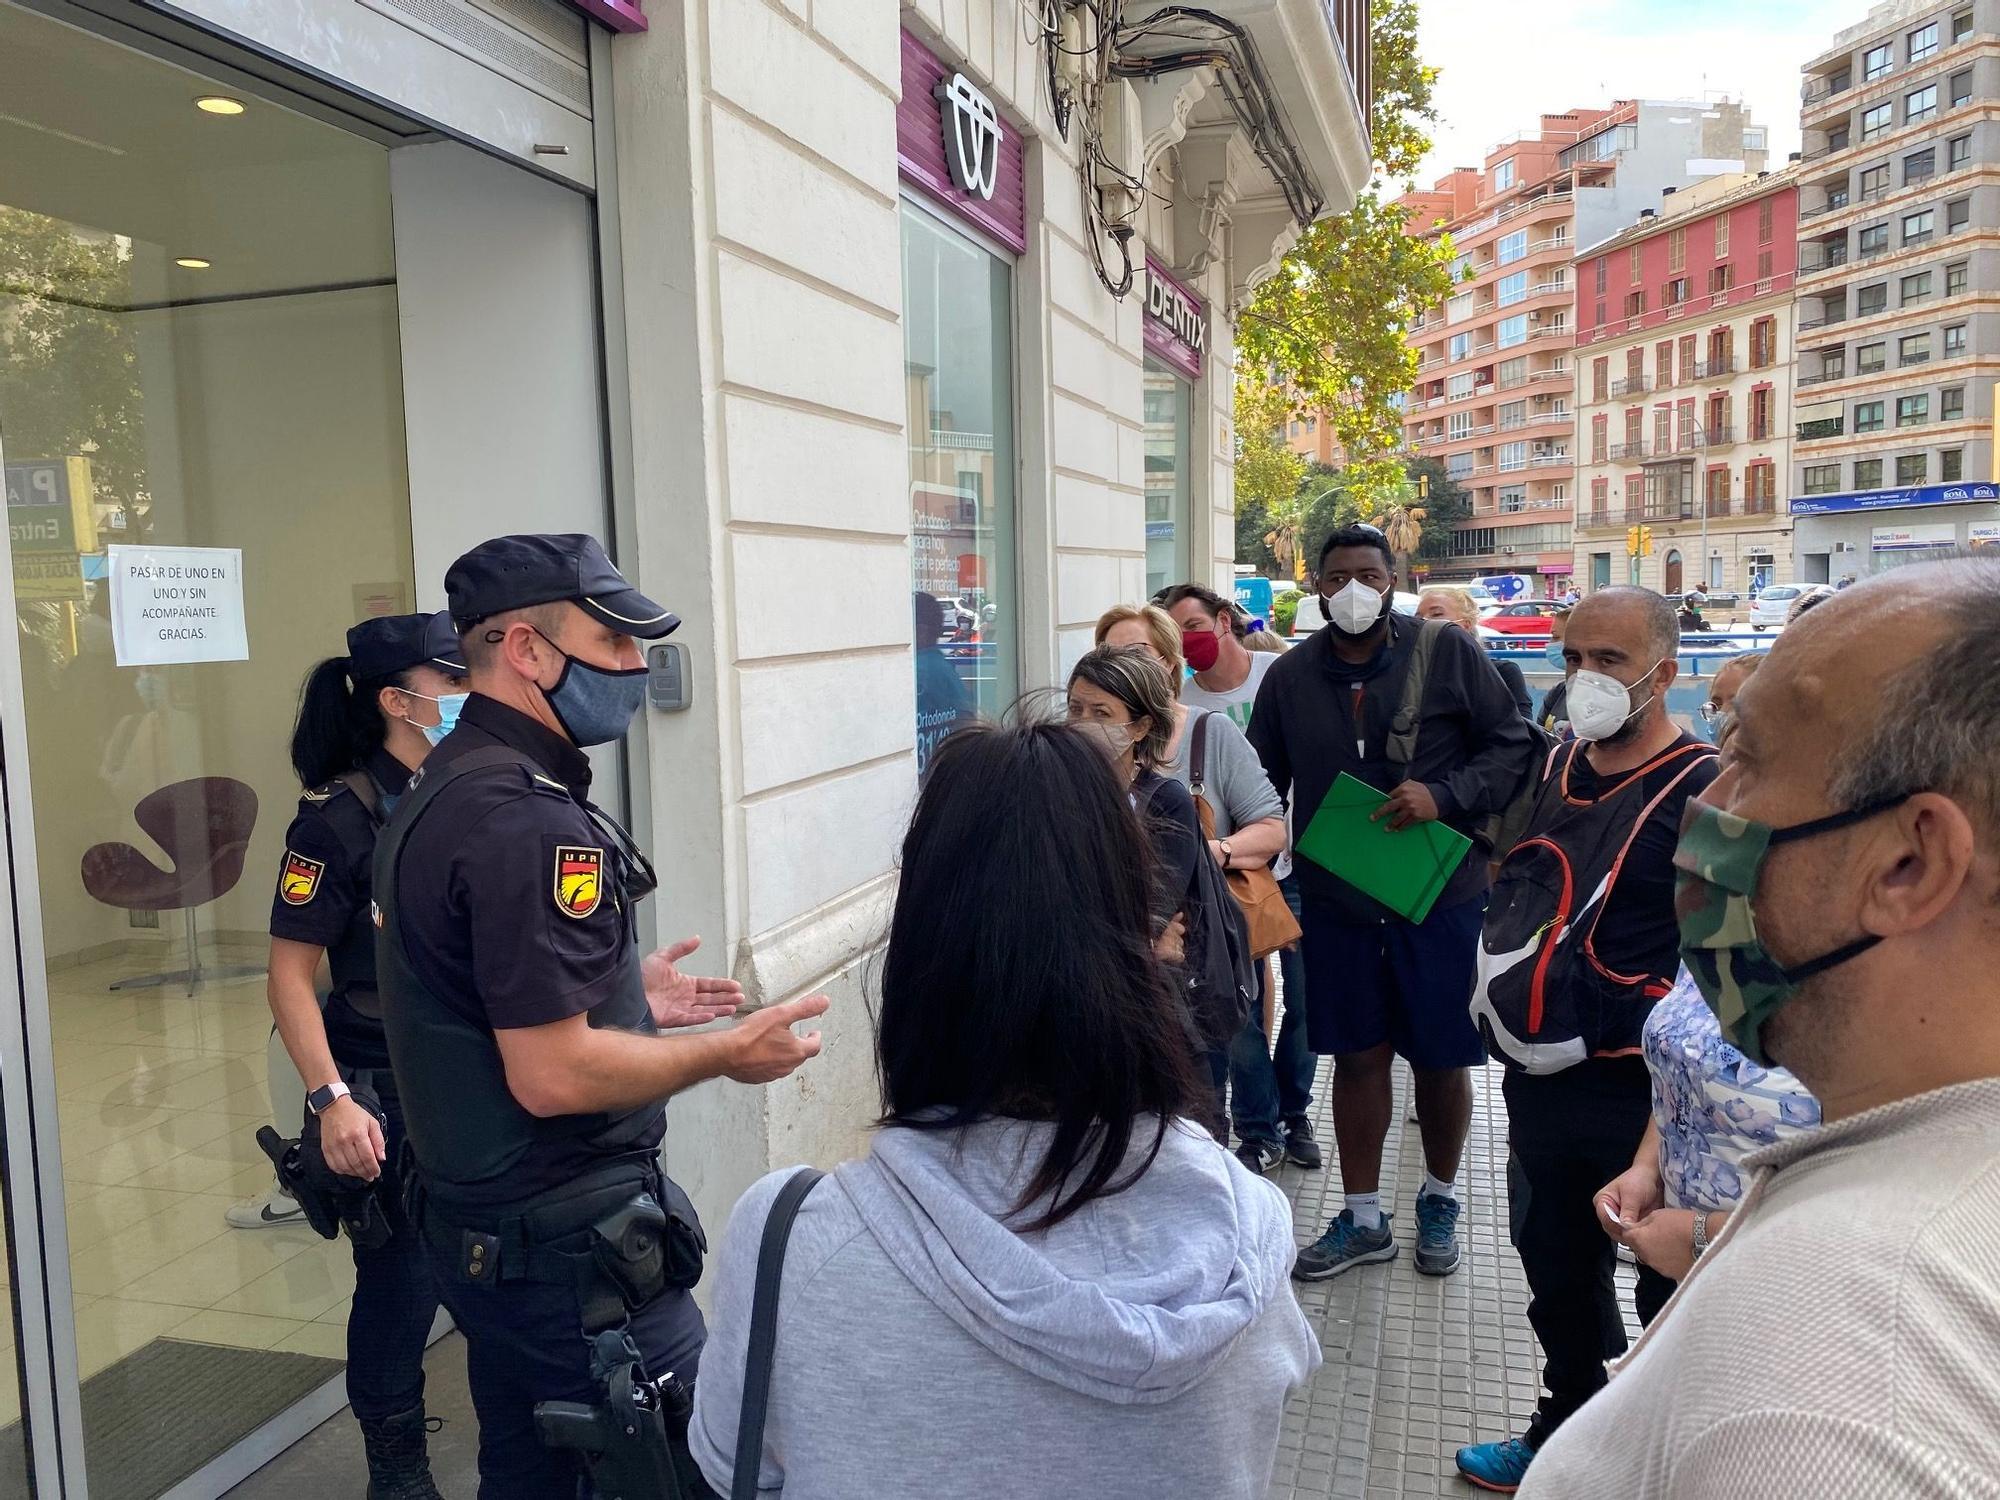 Quiebra de Dentix: Aluvión de protestas de pacientes afectados frente a la clínica de Avenidas